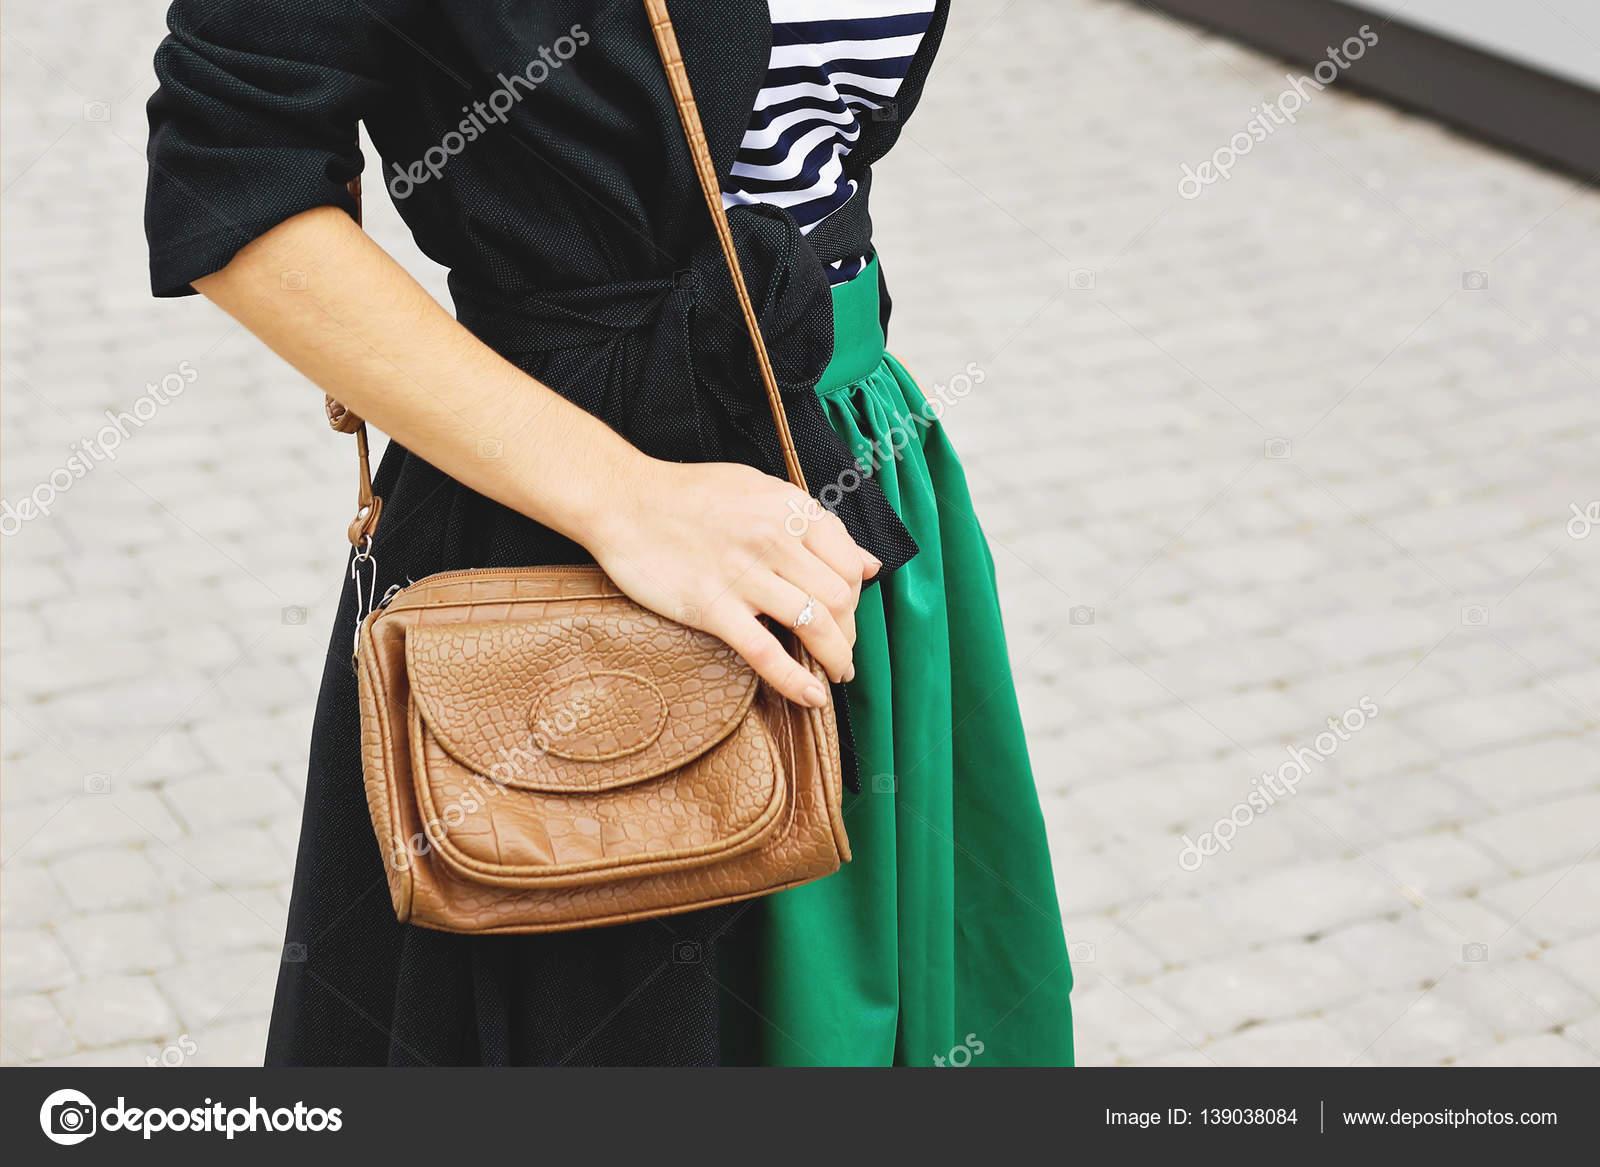 de à Femme dans Fille robe la globale sur en le beige à sac cuir le en ville jour brun en été banc main main ensoleillé rouge la l'été RRq4x7wnI